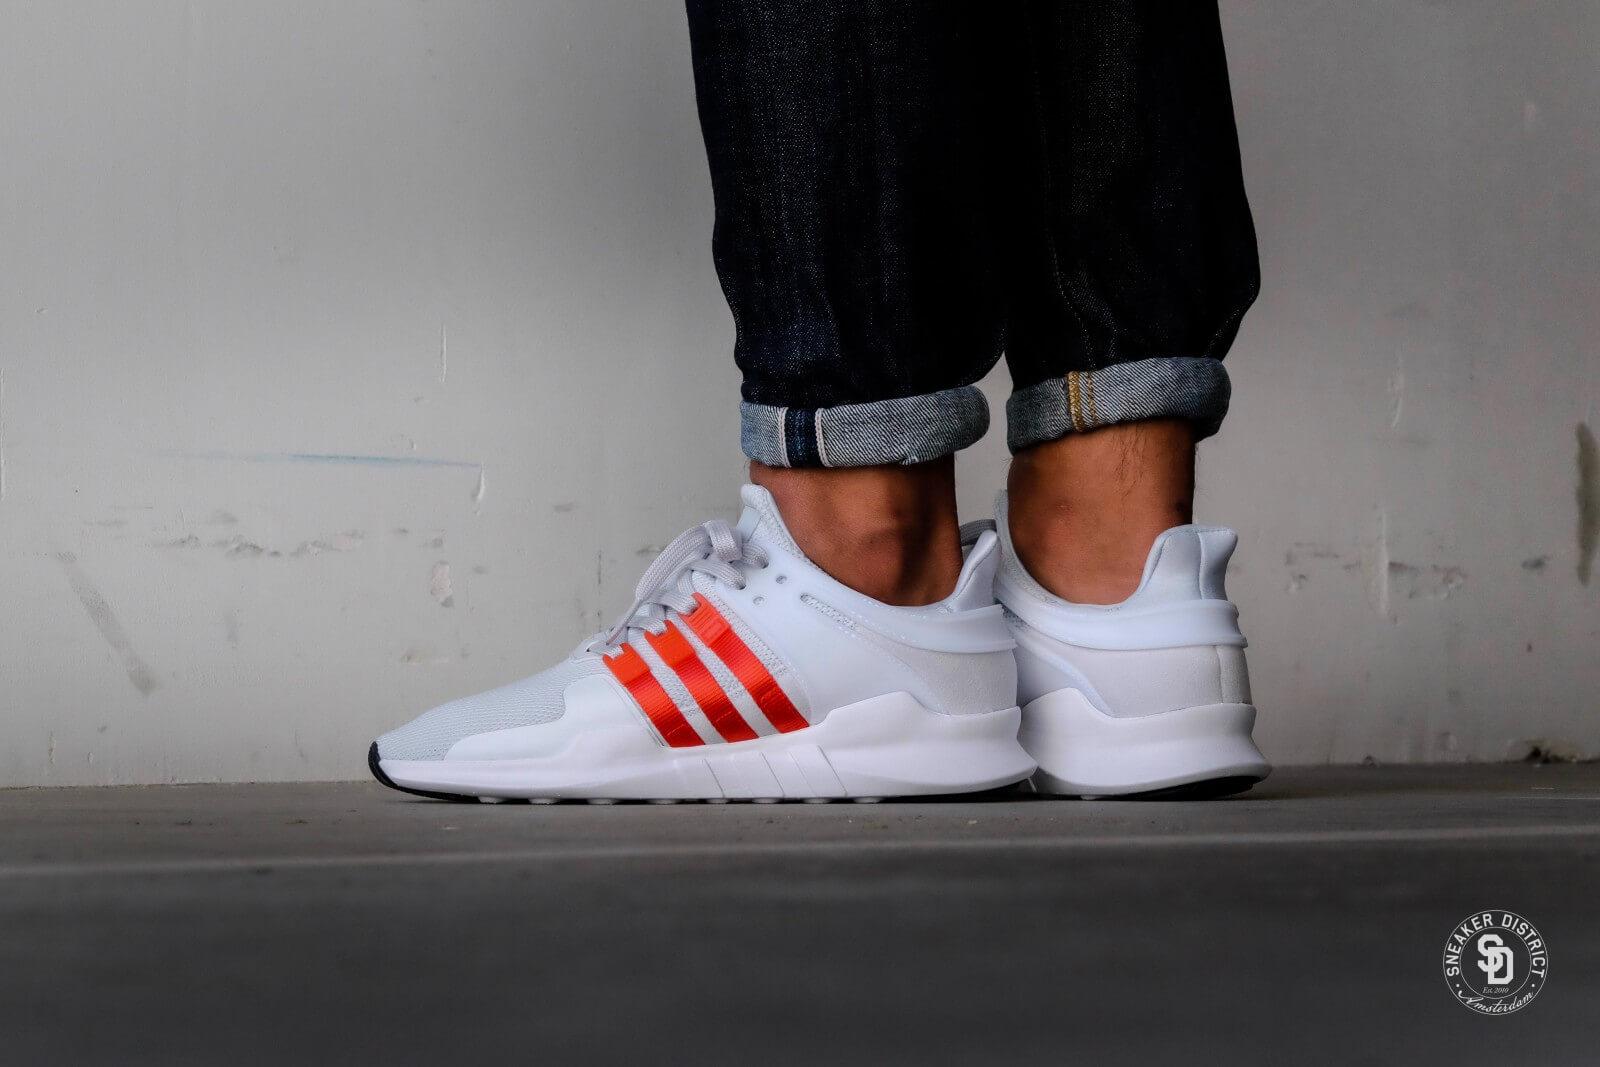 Adidas EQT Support ADV Clear Grey/Bold Orange/Footwear White